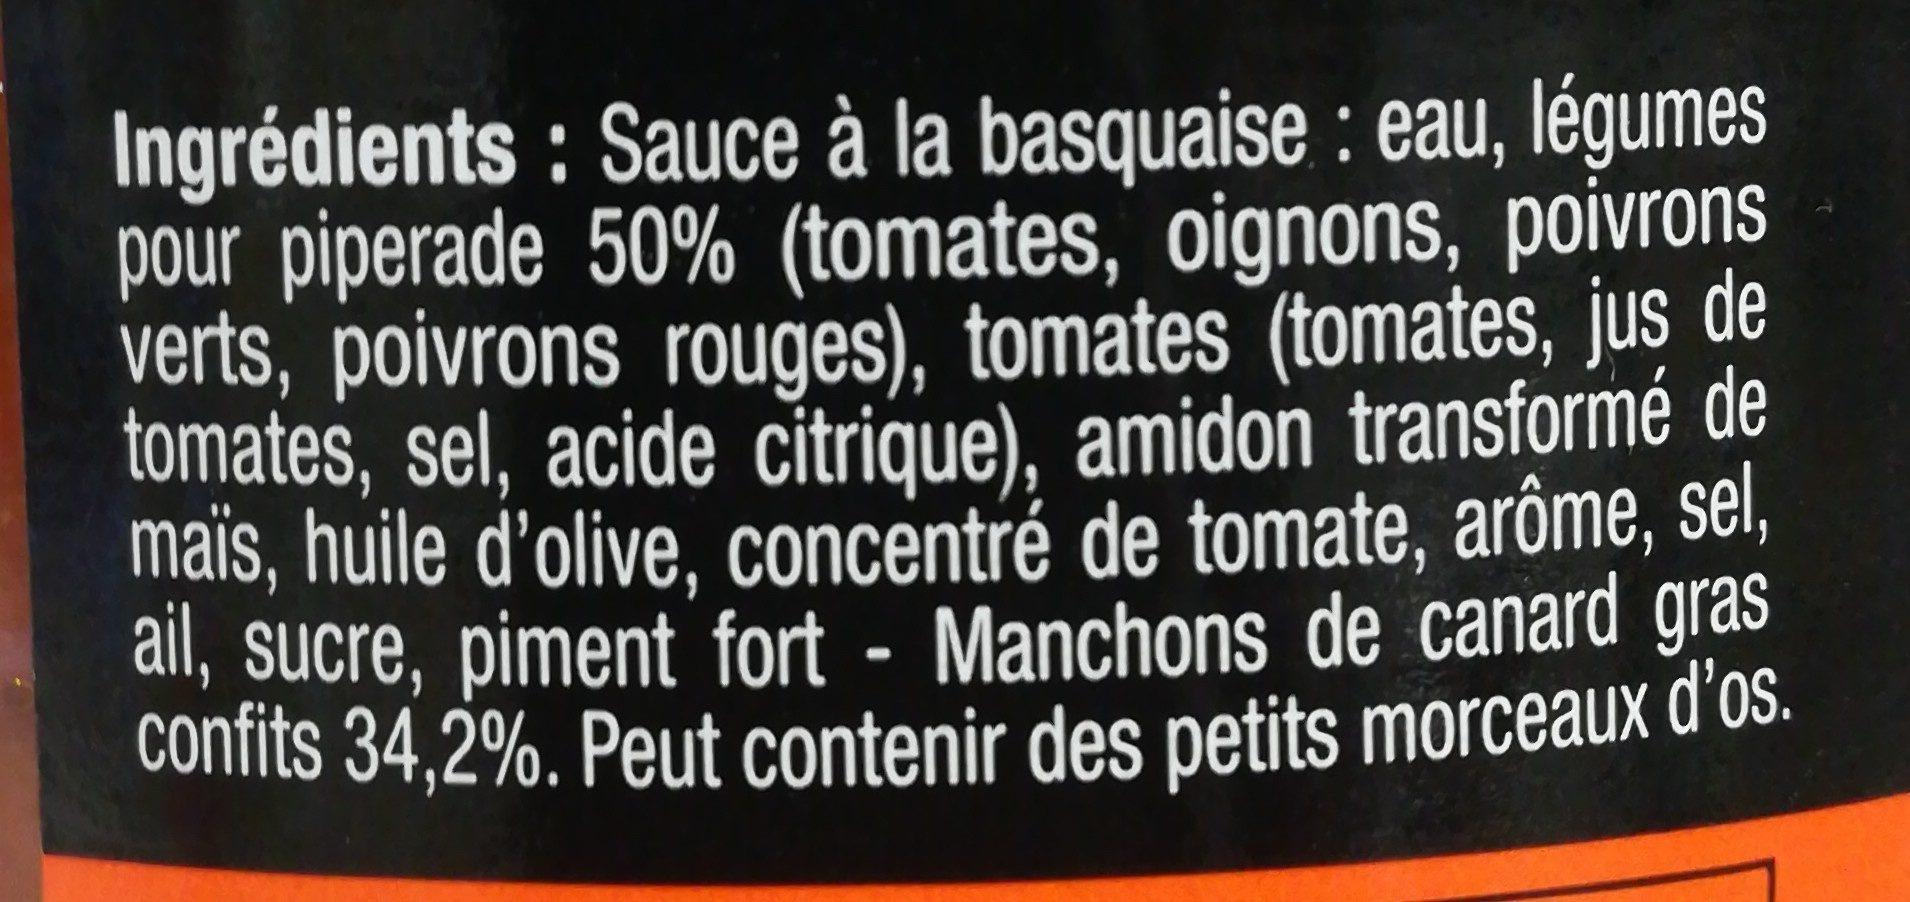 Confit de canard à la basquaise - Ingrédients - fr